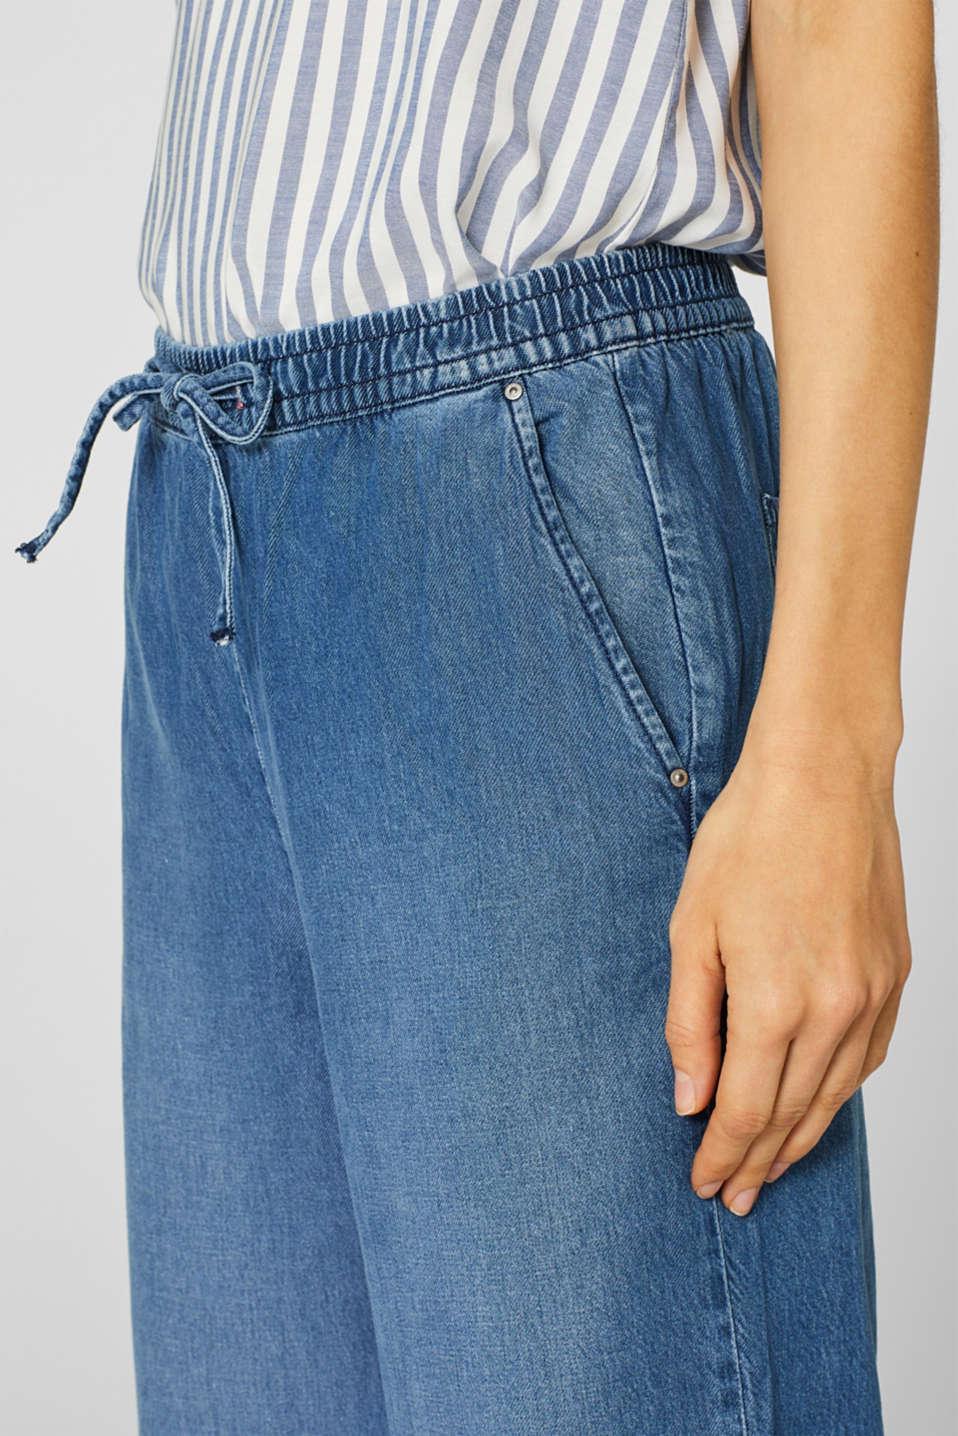 Pants denim, BLUE LIGHT WASH, detail image number 2